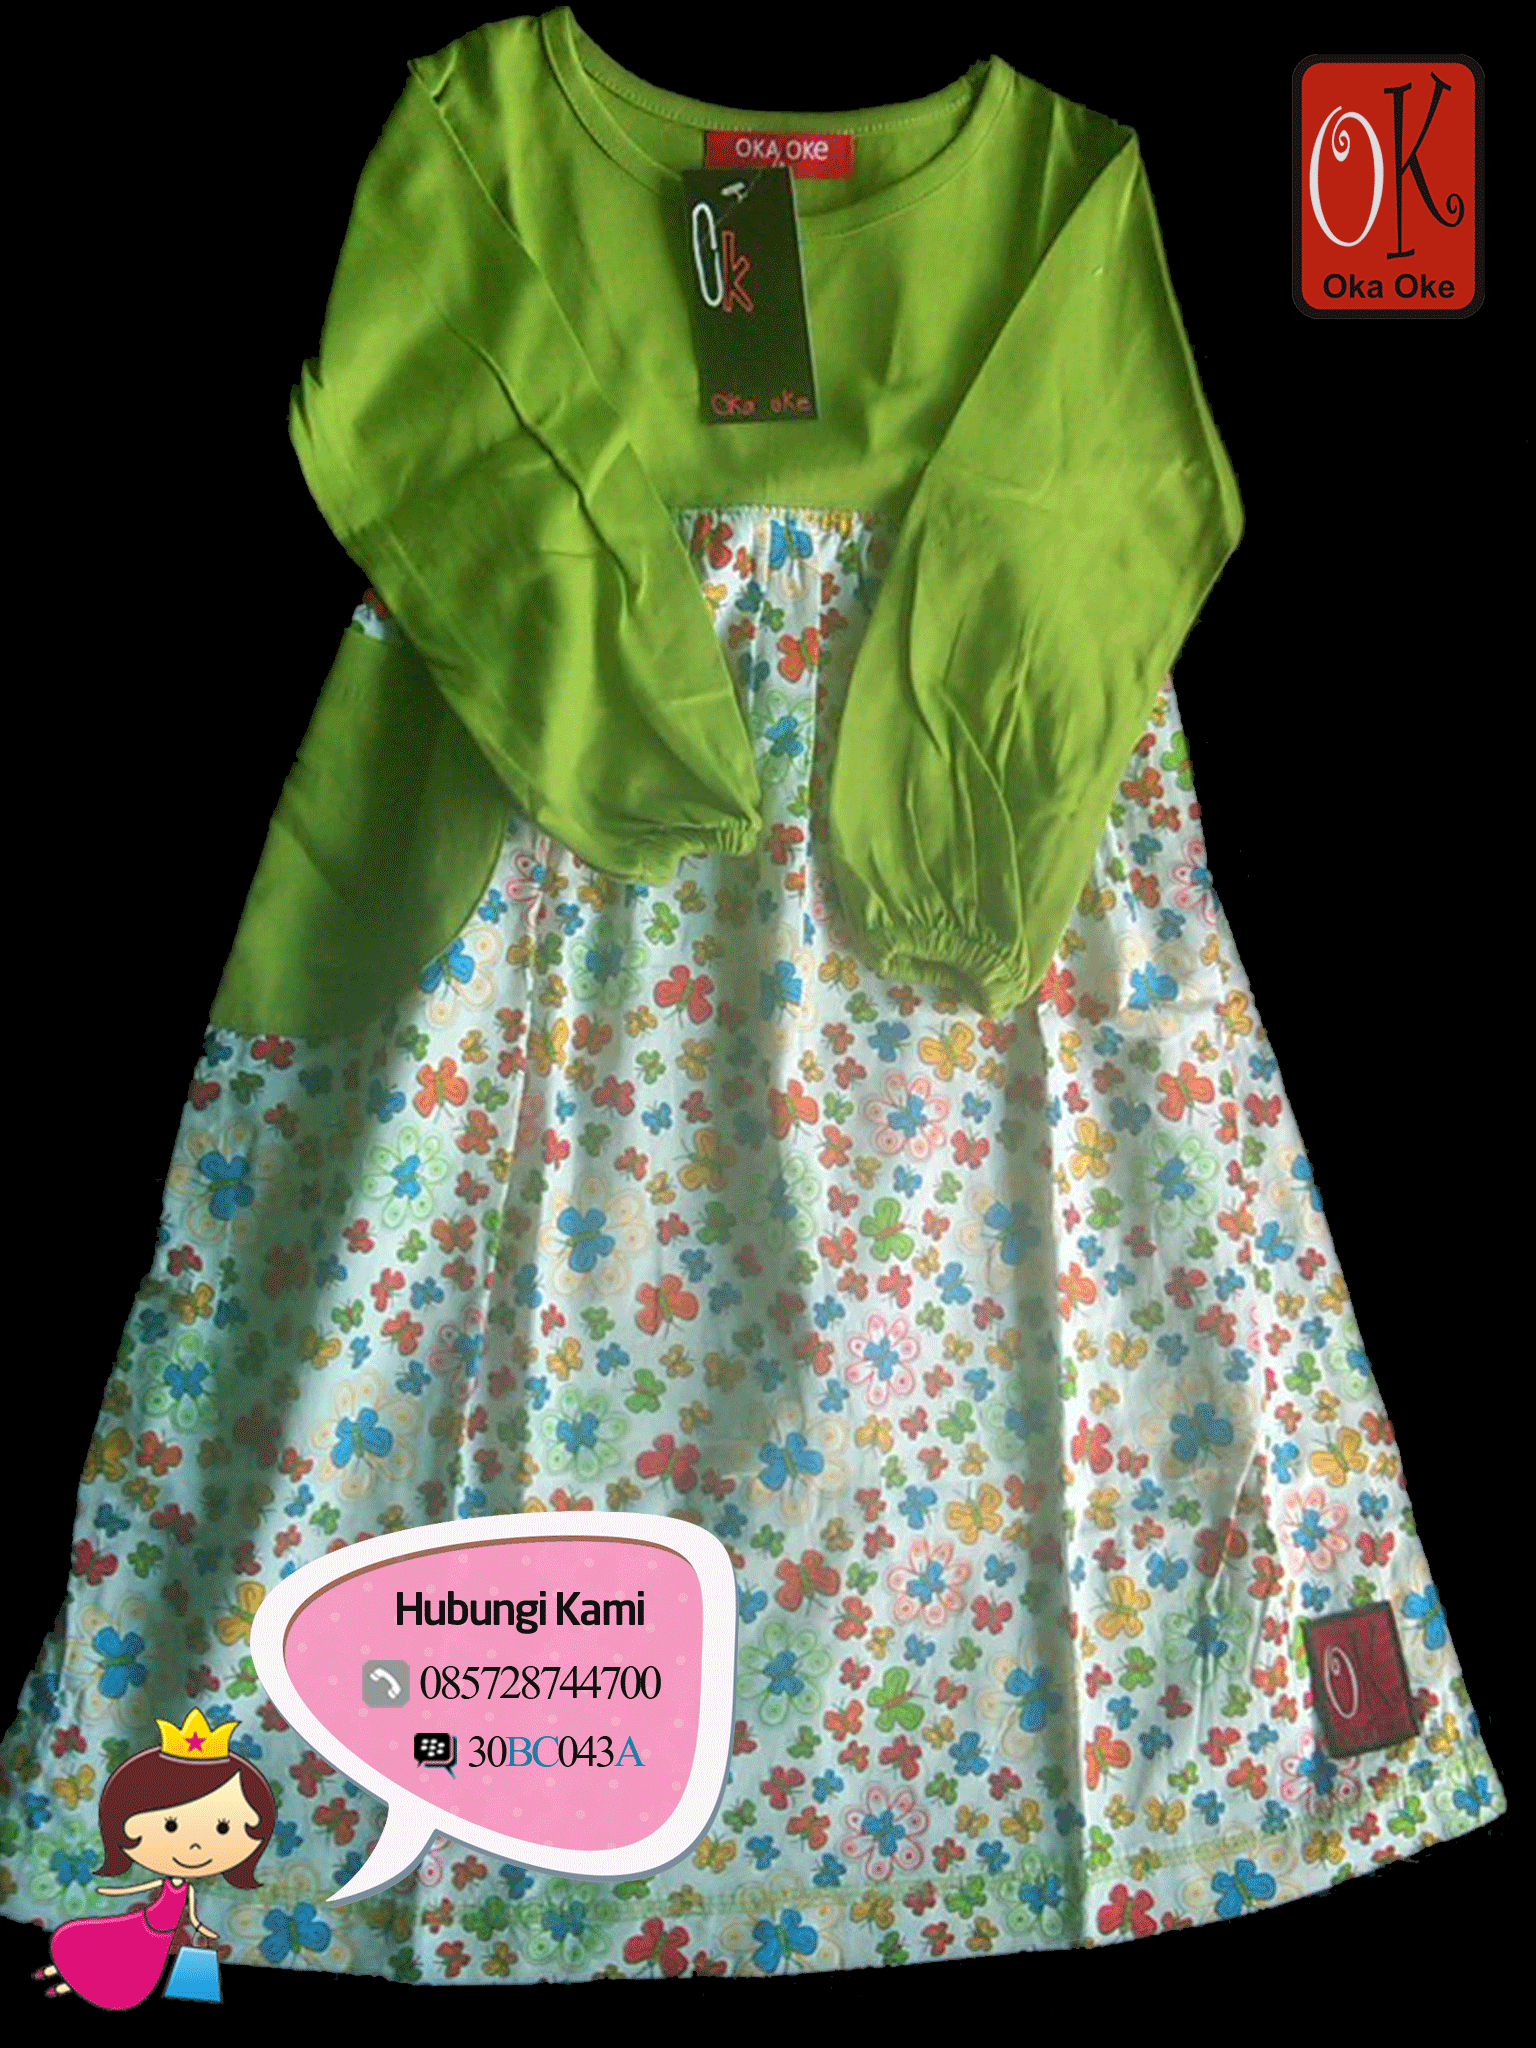 Baju Gamis Muslim Anak Konveksi Oka Oke Menggunakan Bahan Kaos kombi Katun  dengan berbagai pilihan motif   warna. 103fdffba3